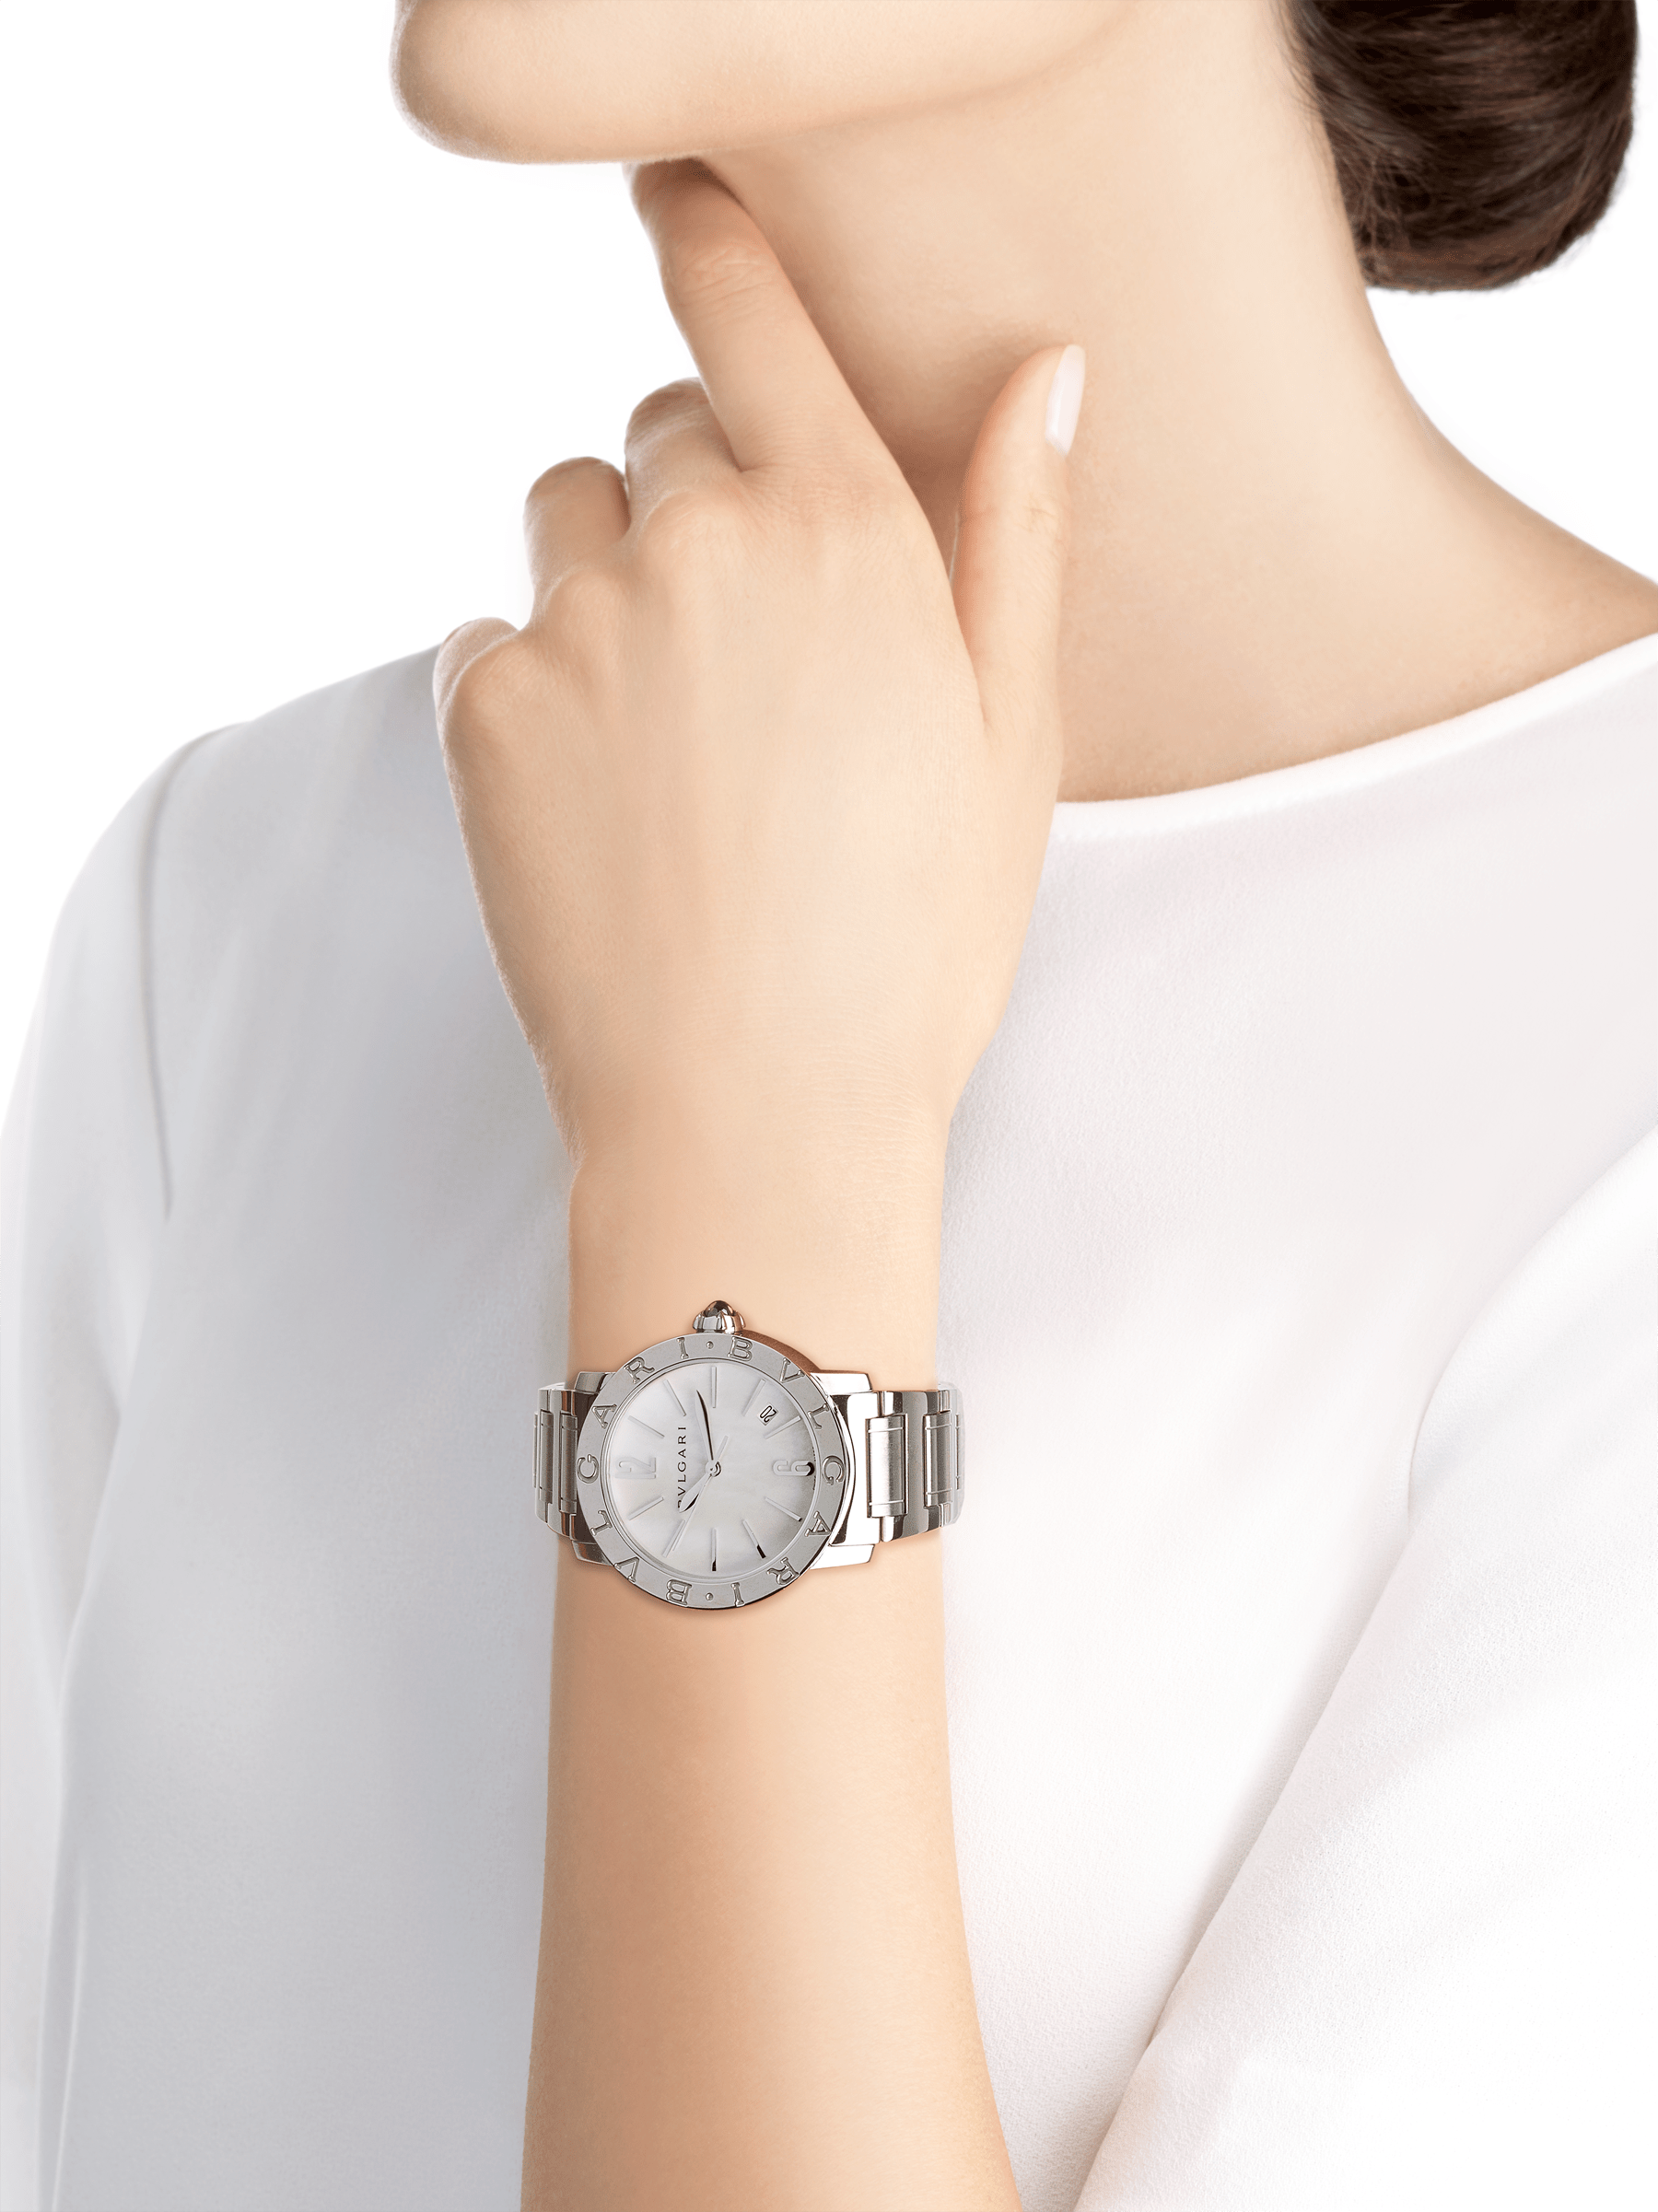 Montre BVLGARI BVLGARI avec boîtier et bracelet en acier inoxydable, cadran en nacre blanche et date. Grand modèle. 101976 image 2